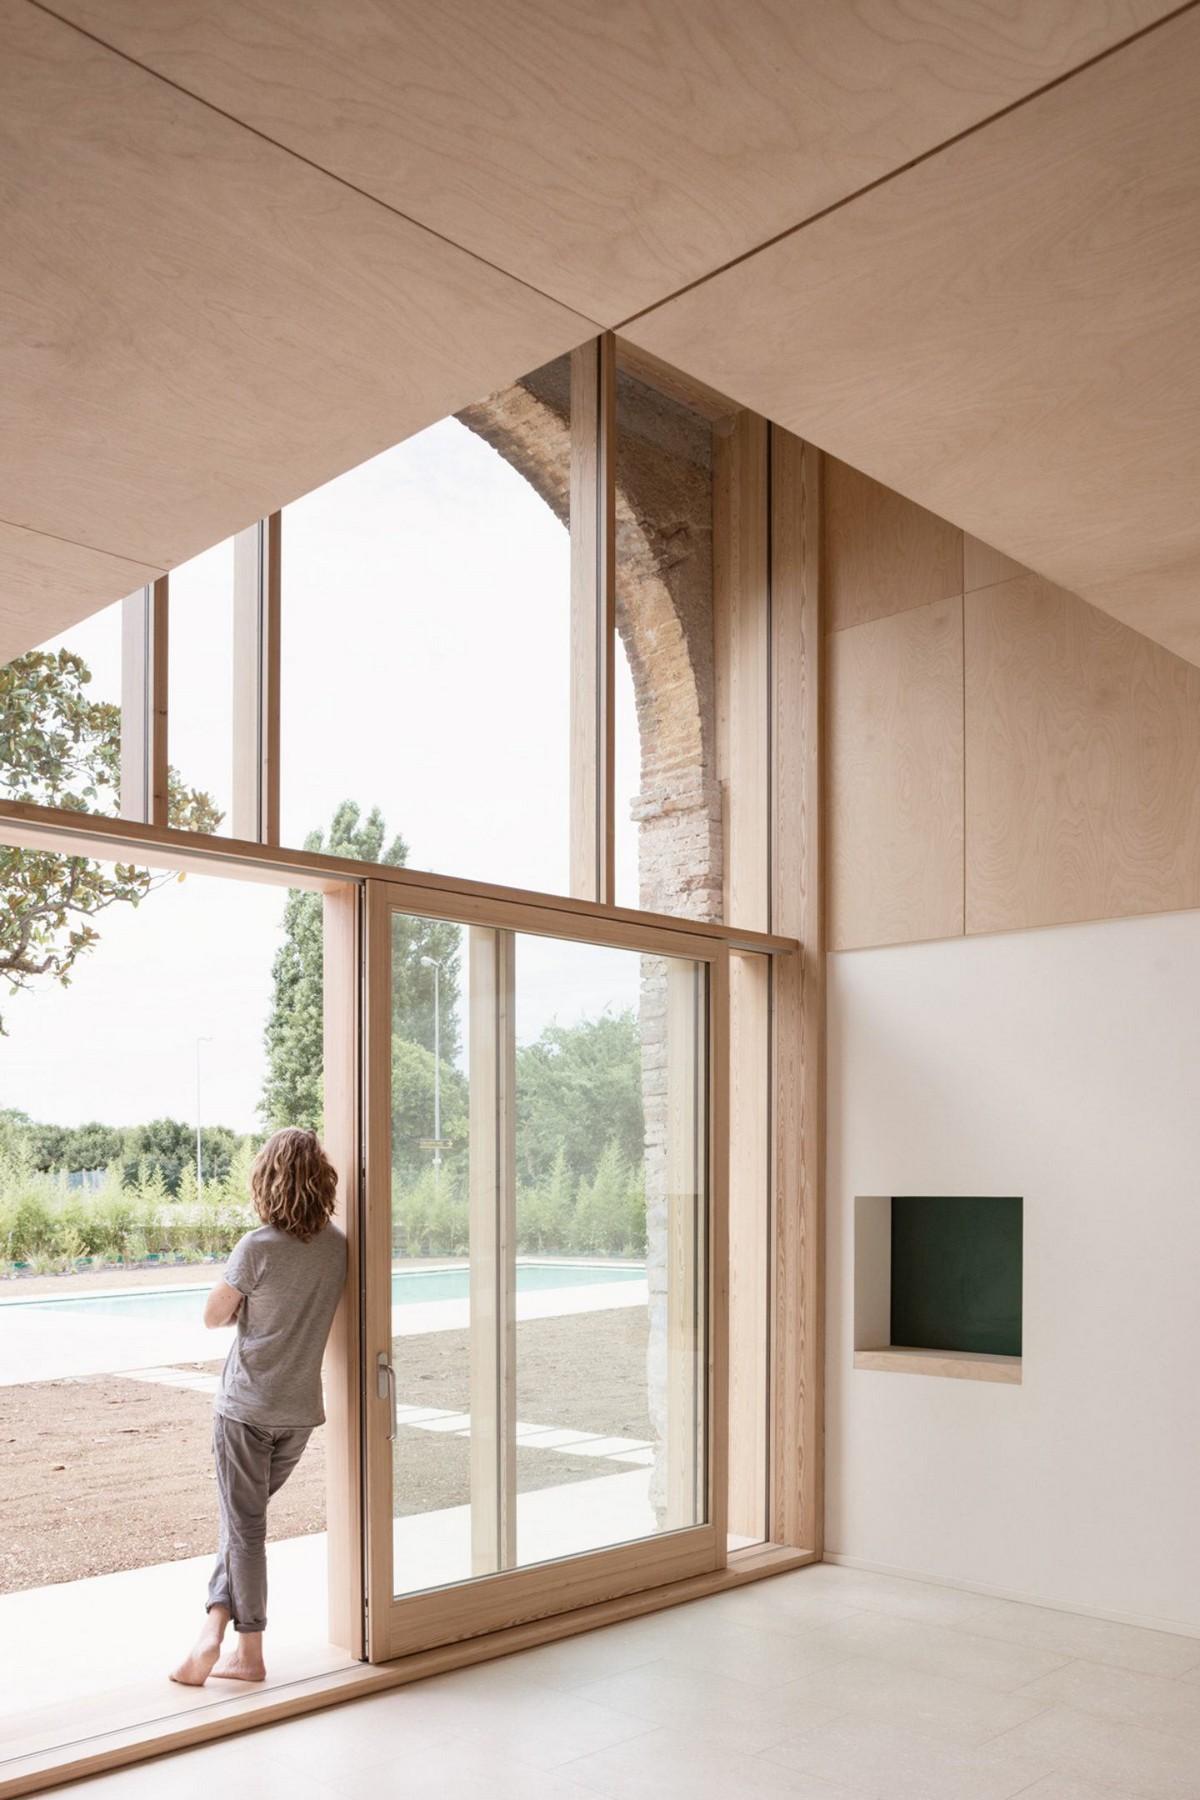 Архитекторы превратили старый амбар в современный жилой дом